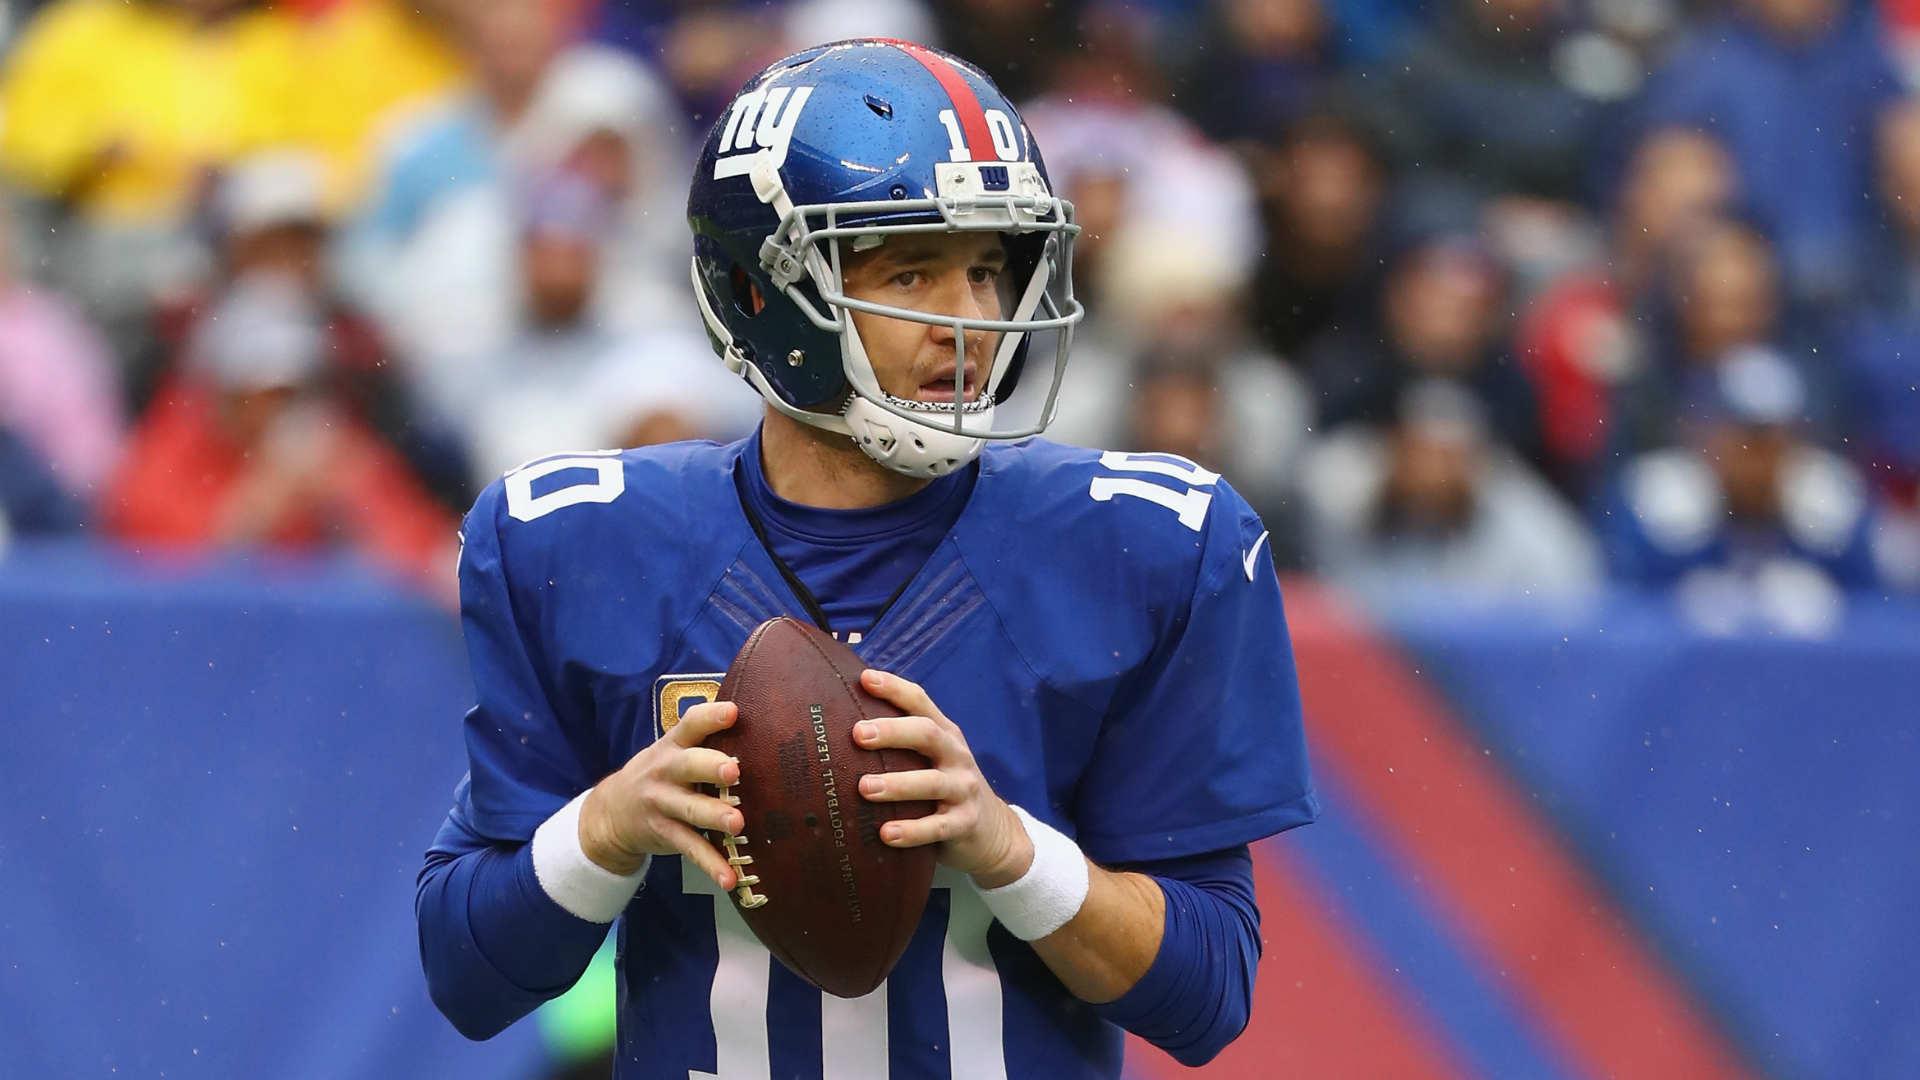 Sports memorabilia dealer says Eli Manning items are legit